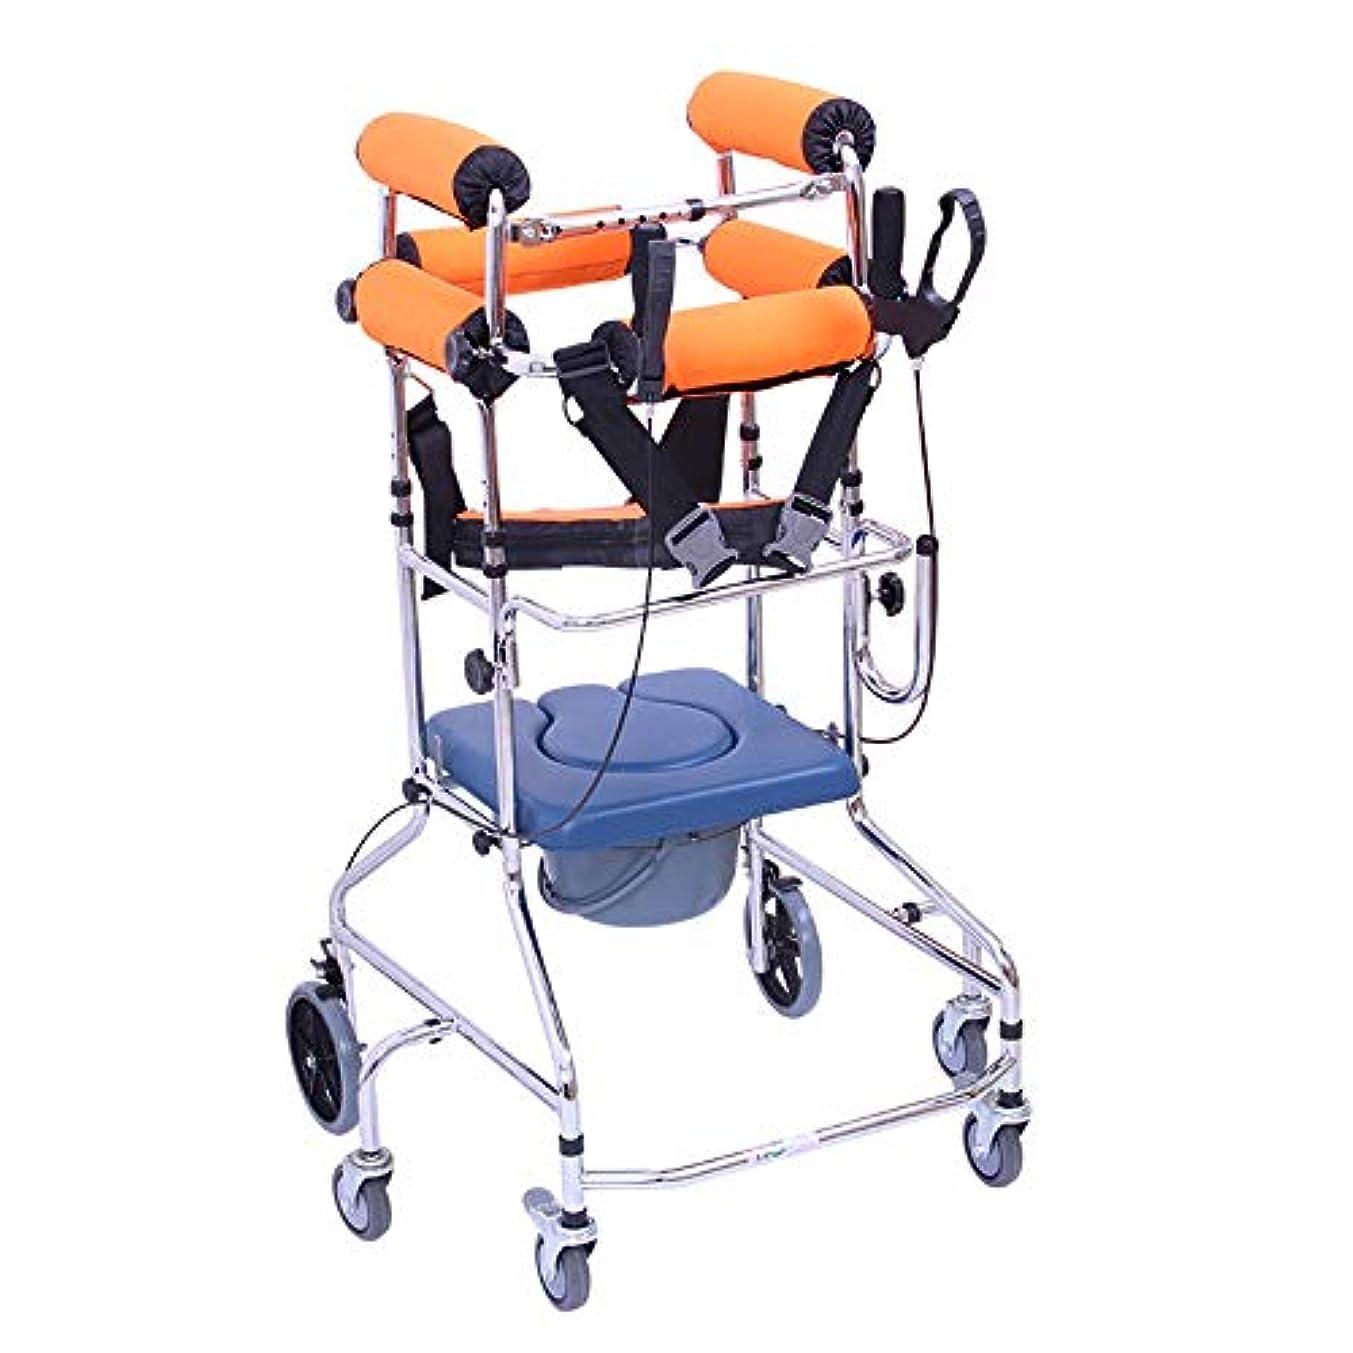 対叫ぶ変化する補助下肢歩行用フレーム付き便座、成人用歩行フレーム歩行器高齢者歩行器トレーニング機器